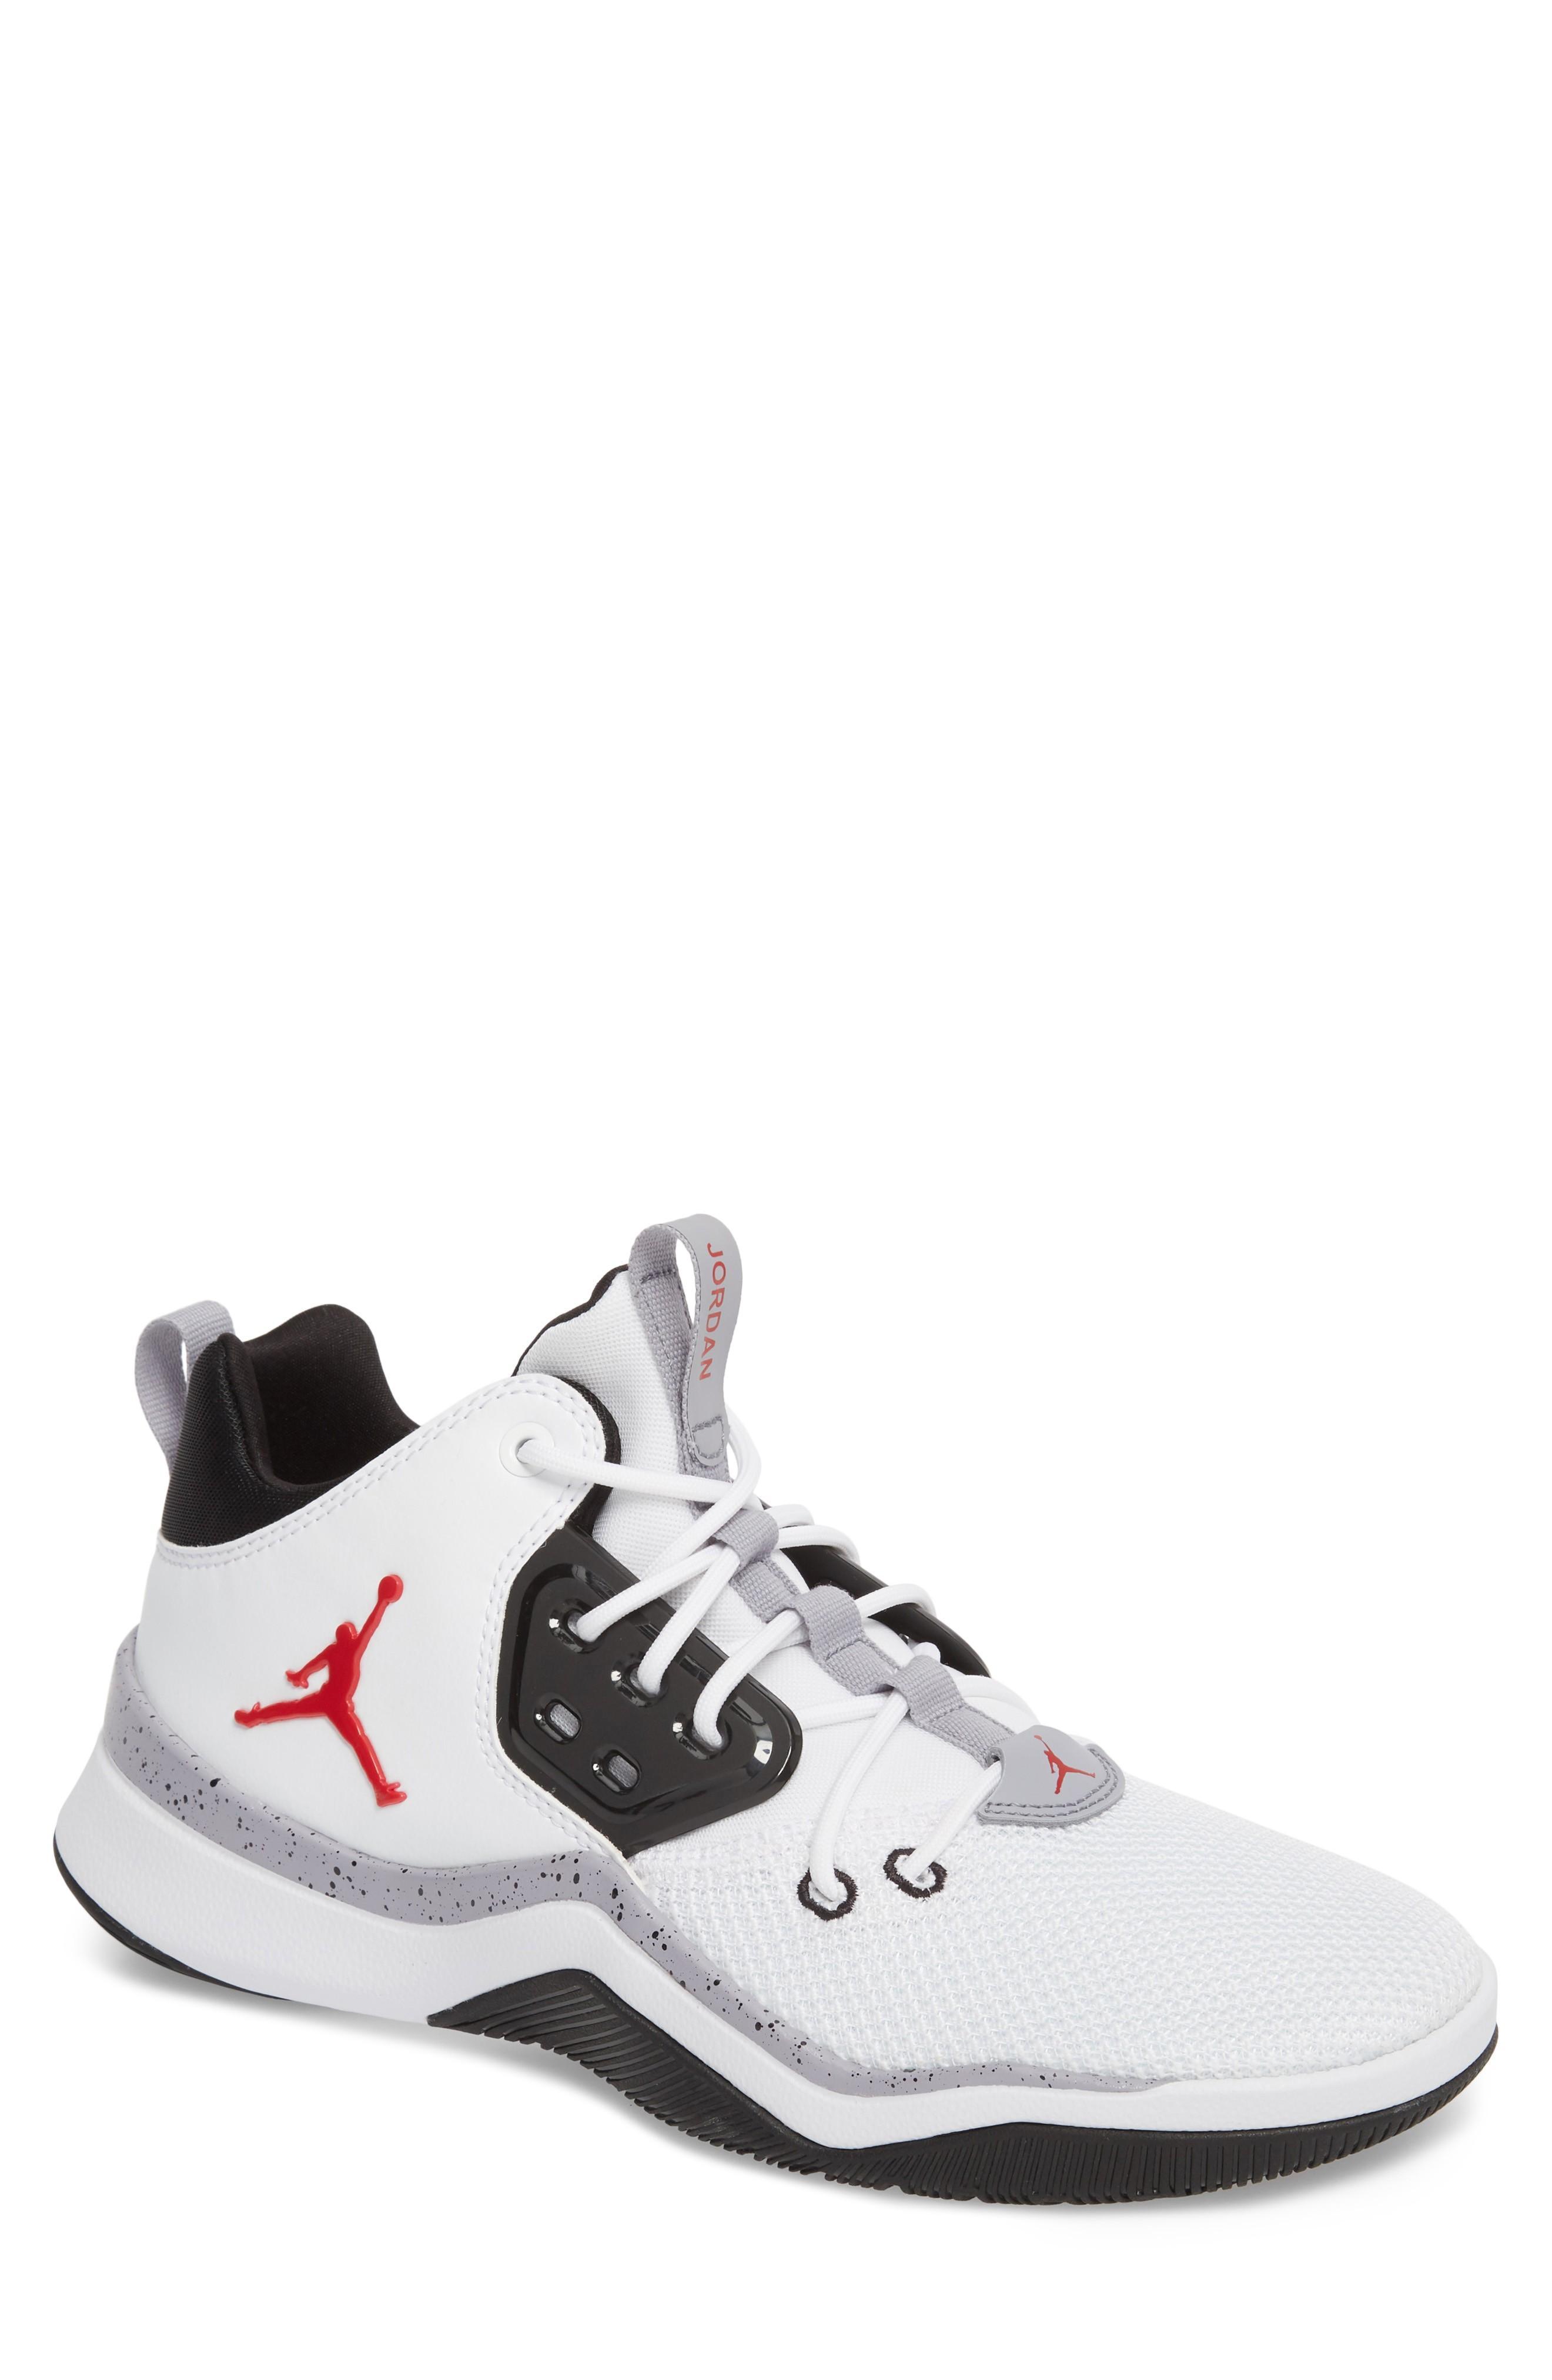 193af422ec9 Nike Men's Air Jordan Dna Off-Court Shoes, White | ModeSens